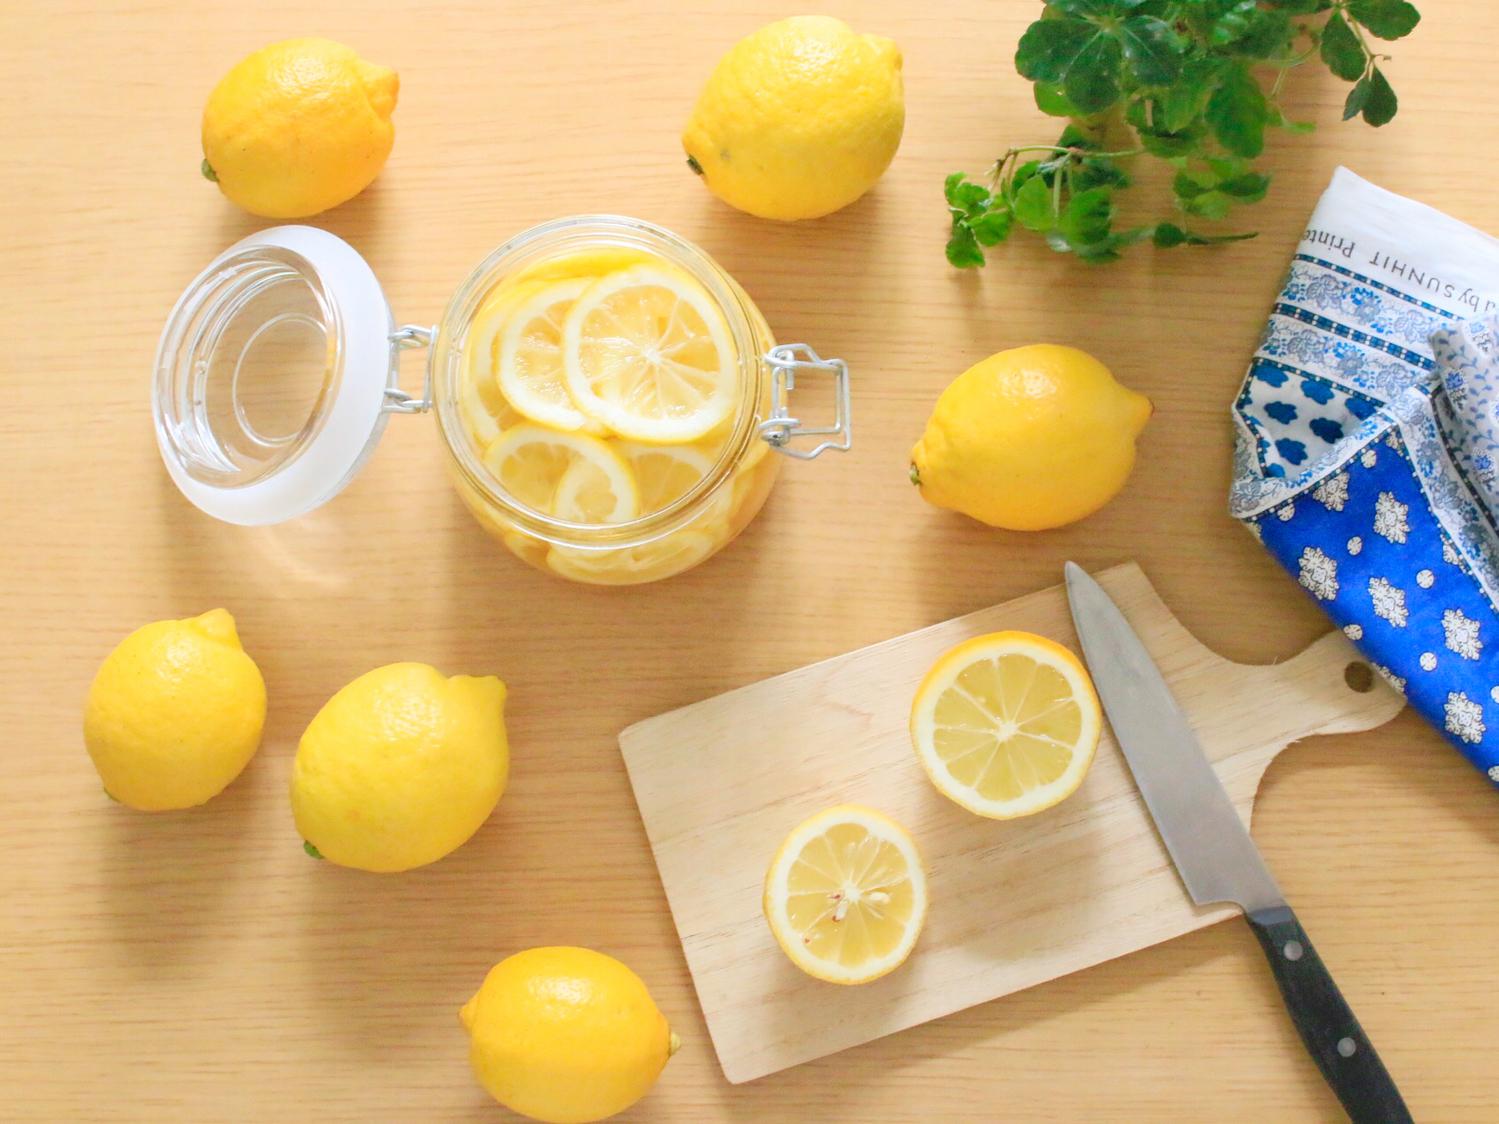 アレンジ無限大のはちみつレモン